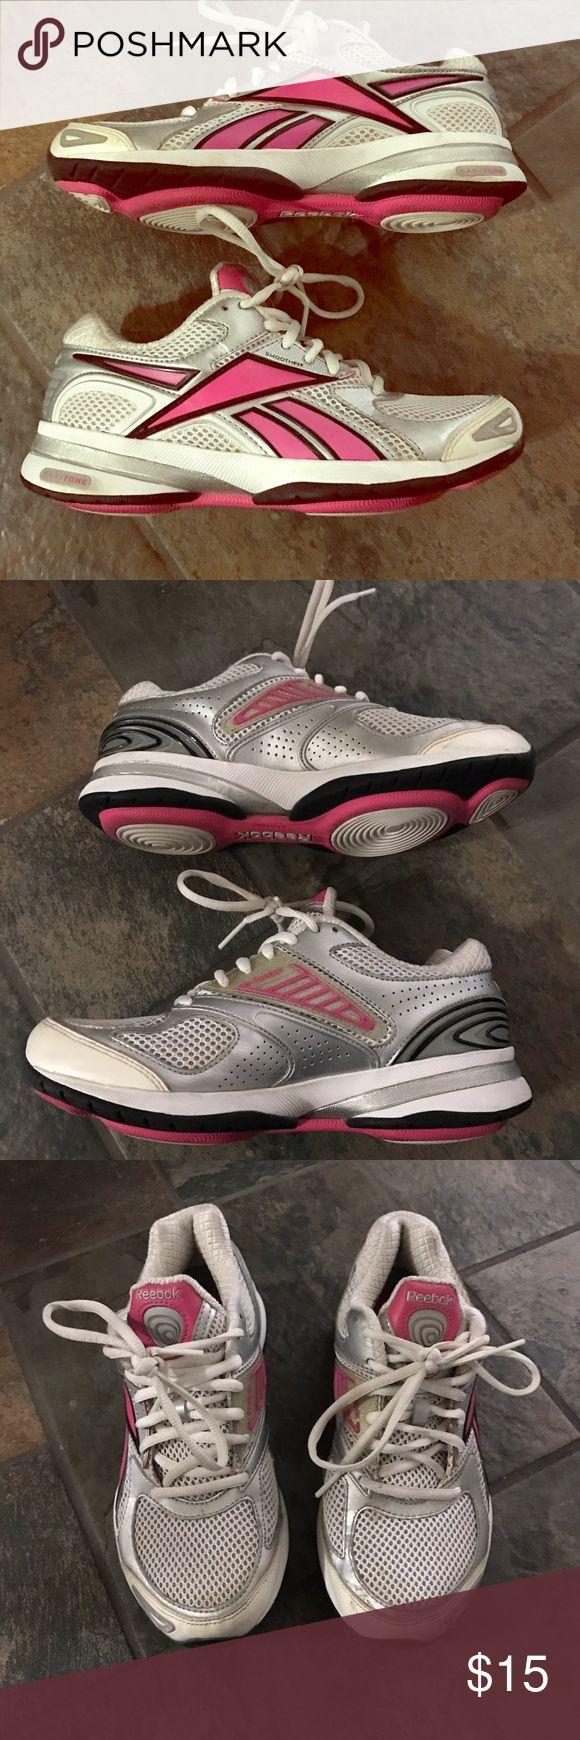 scarpe nike air max puzzolenti